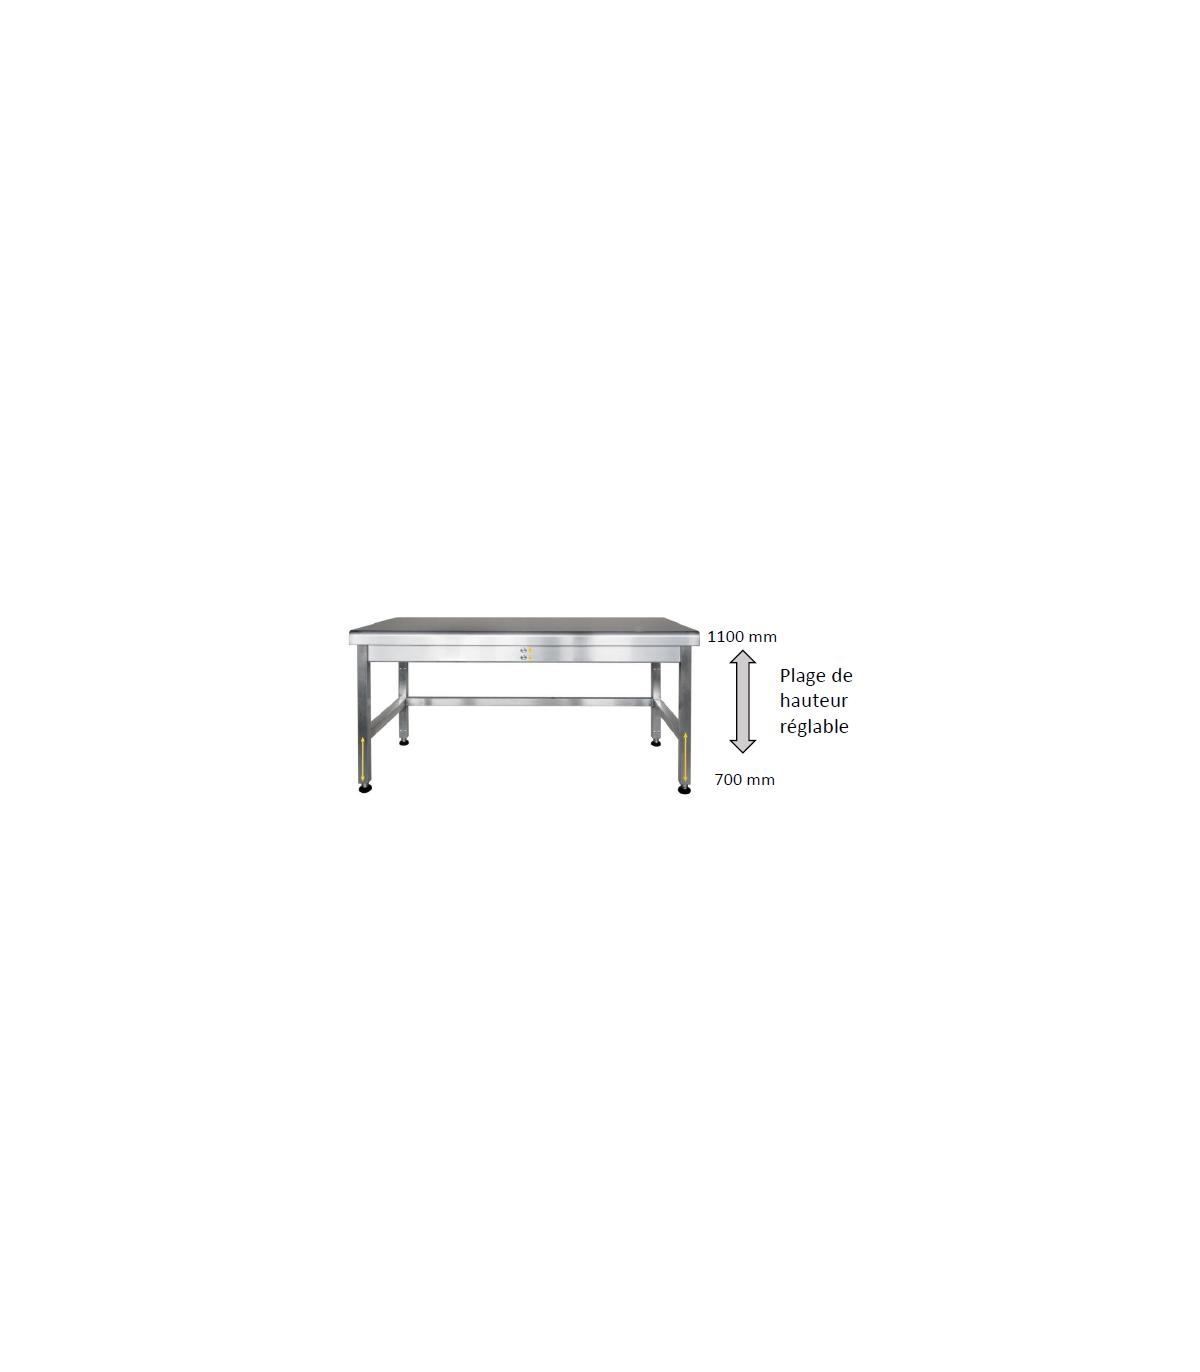 Table inox longueurs : 9, 9 et 9 mm et hauteur réglable